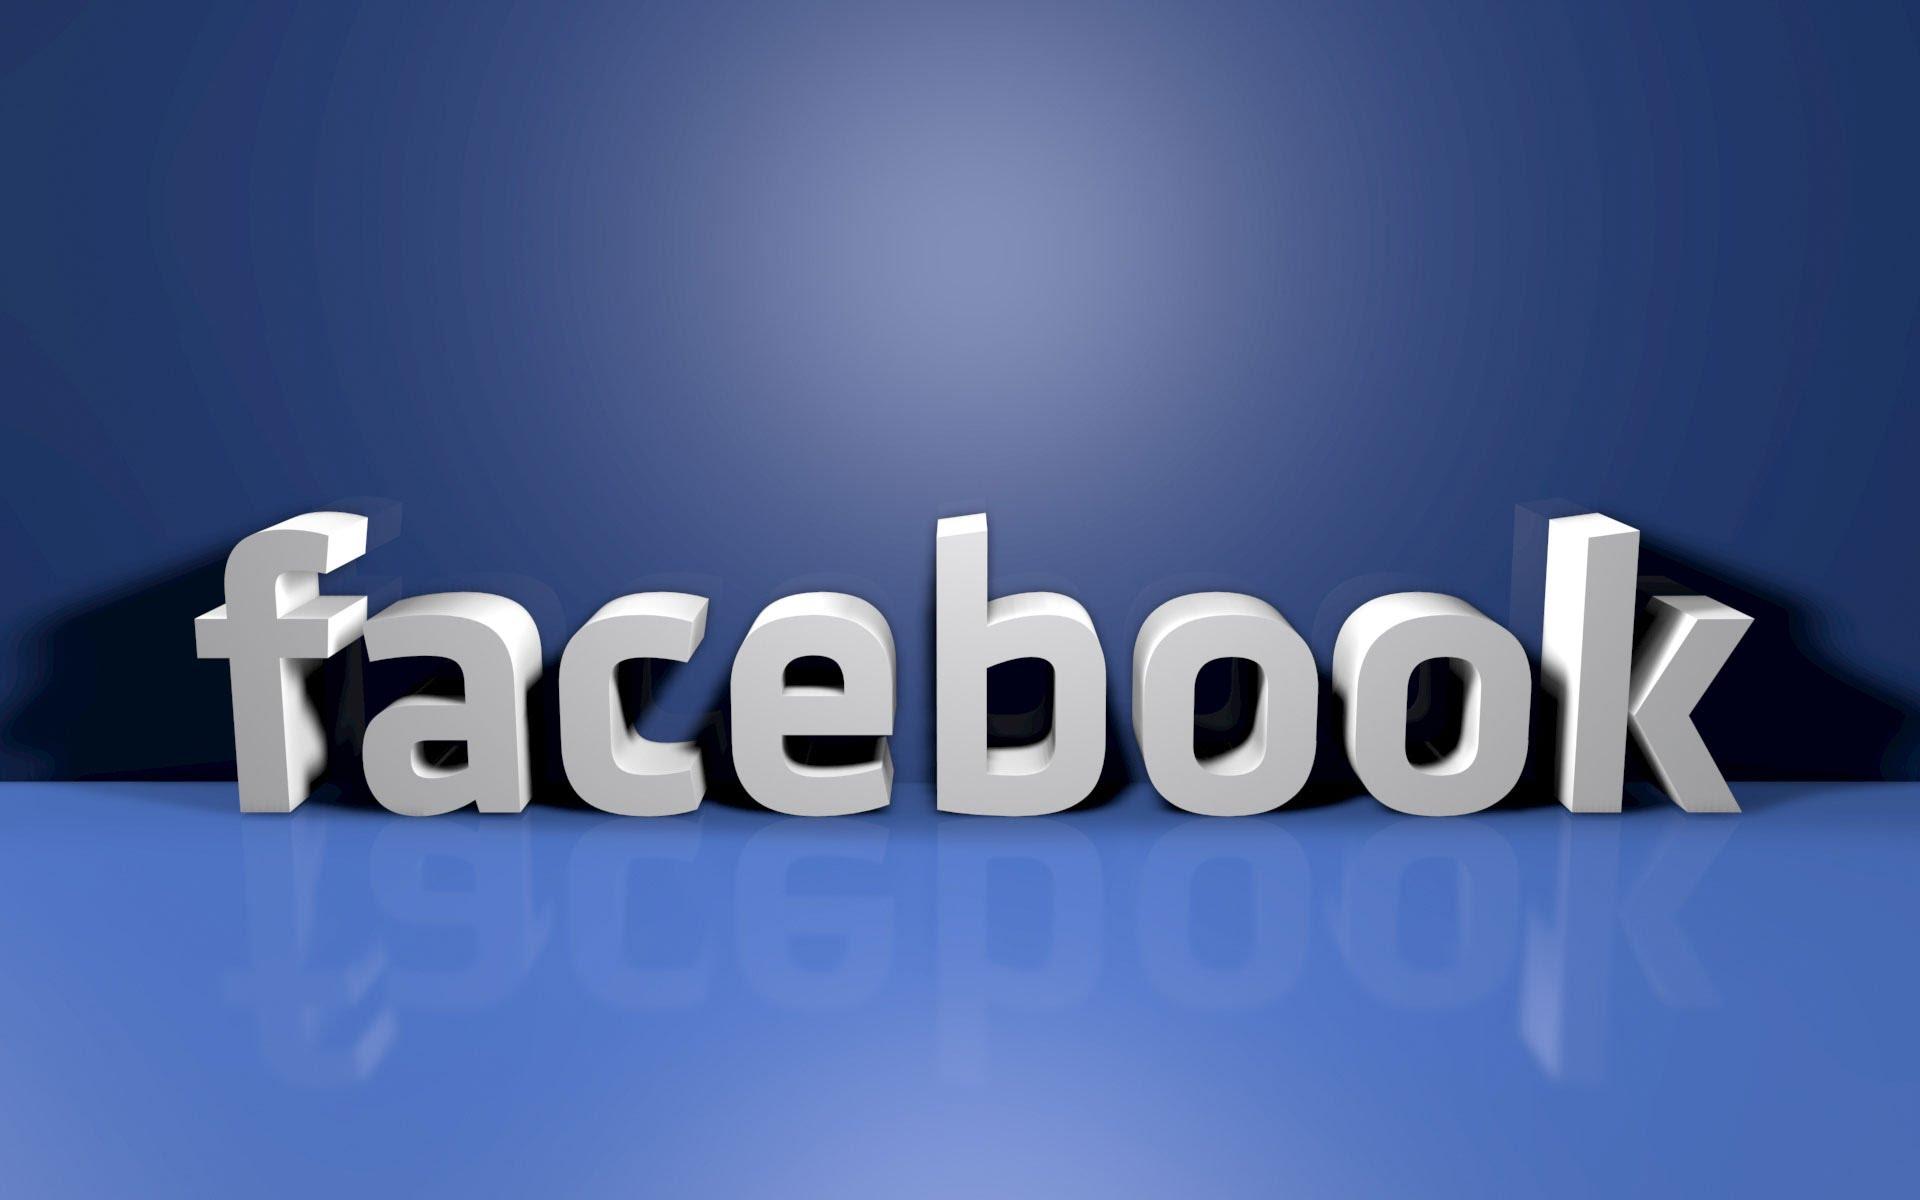 الأربعاء ٠٥ يوليو ٢٠١٧ إعدادات مفيدة للفيس بوك لا يعرفها الكثير